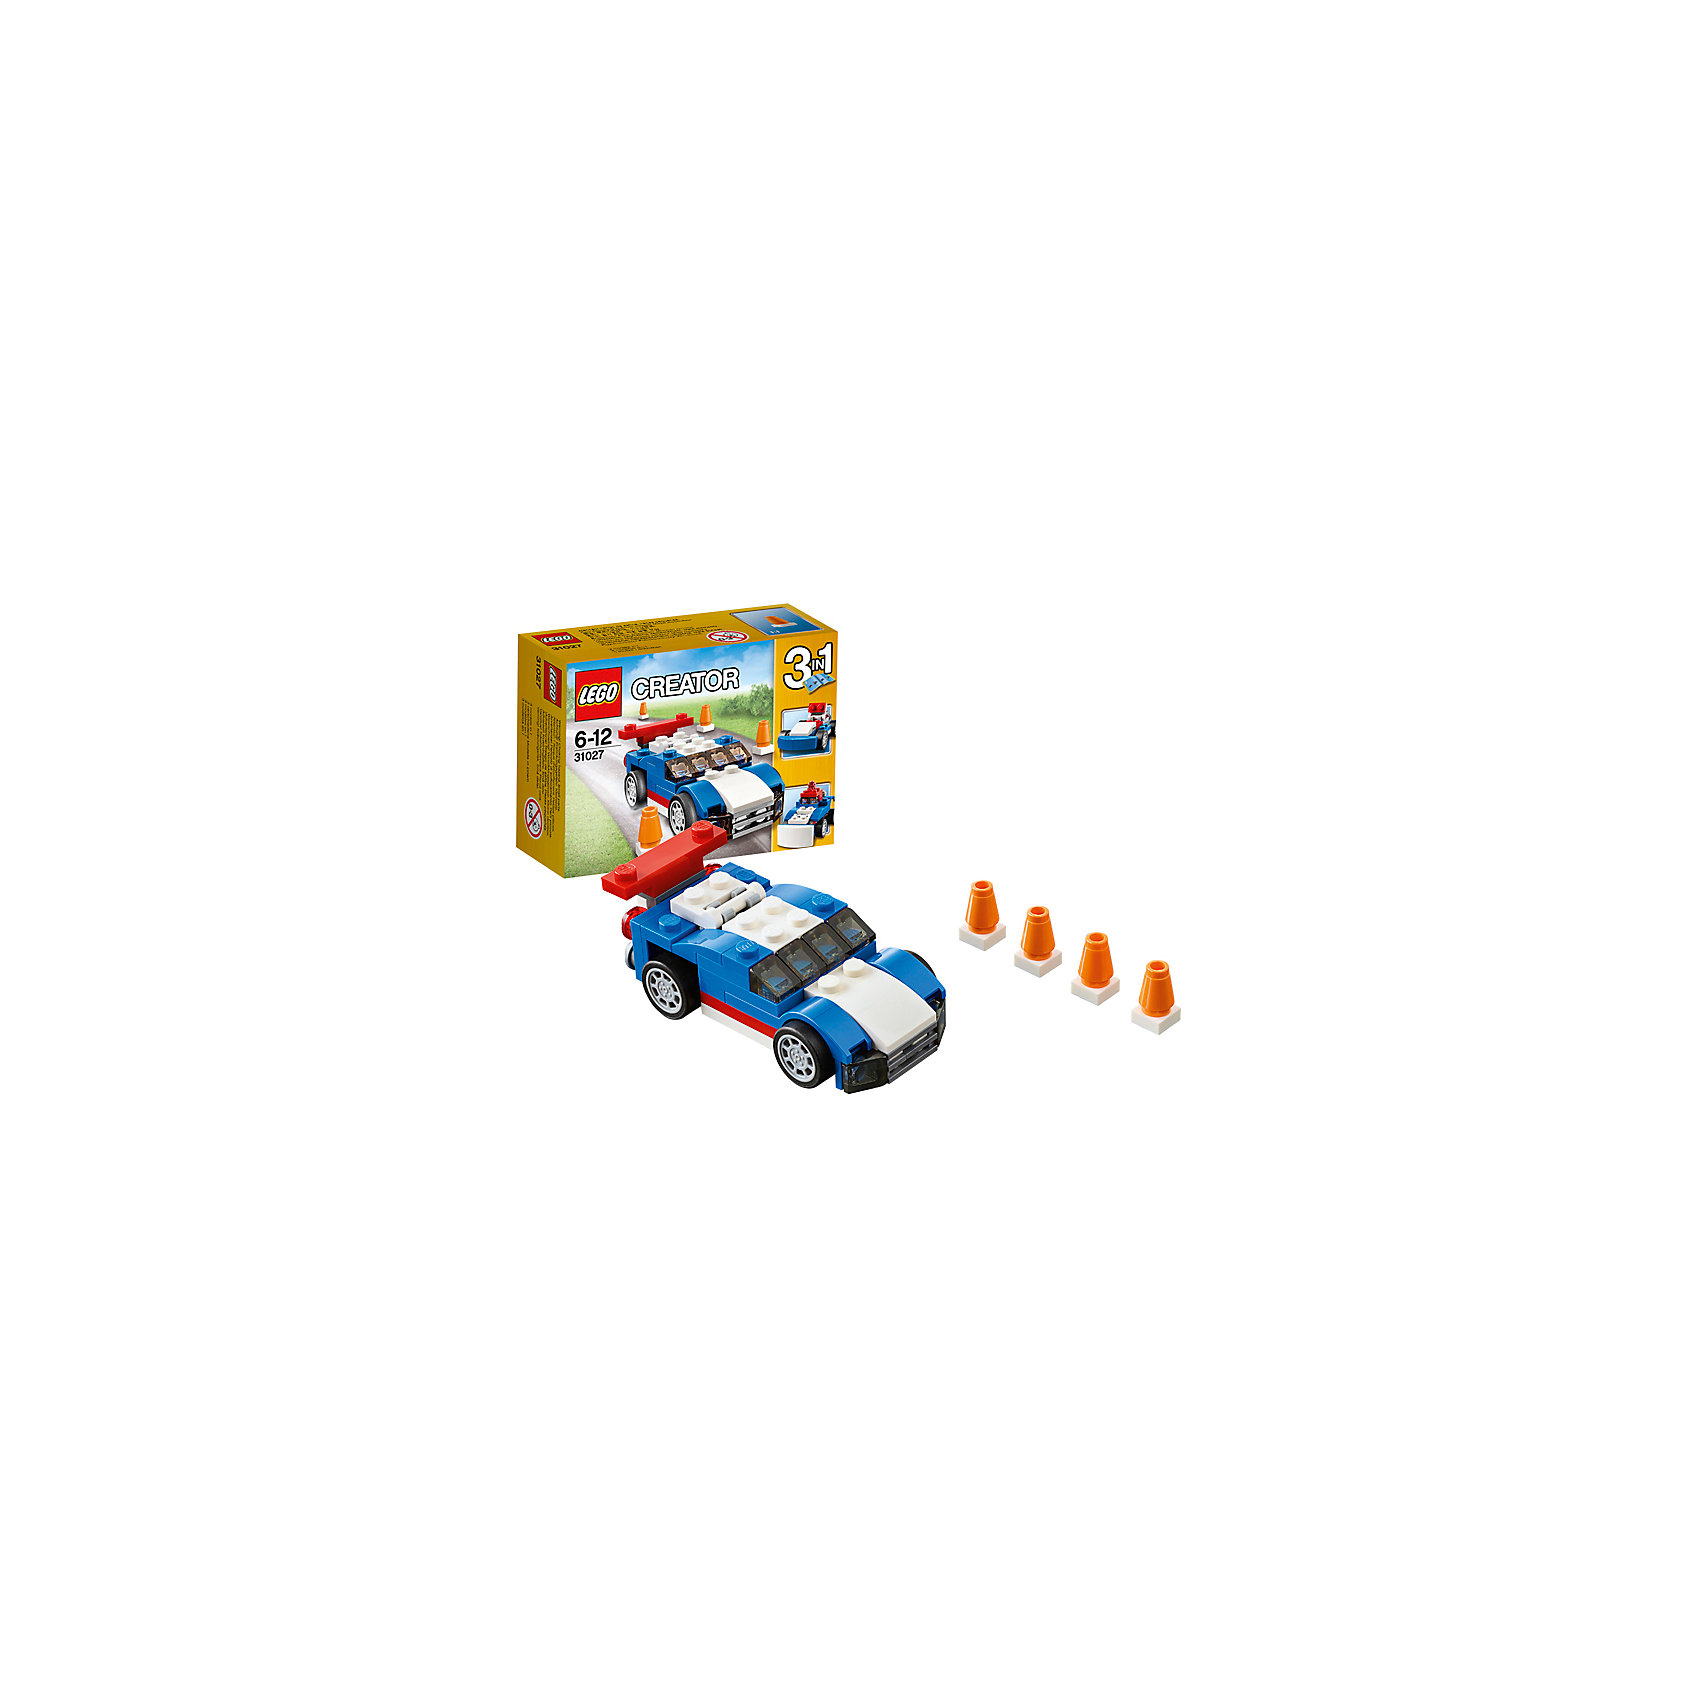 LEGO LEGO Creator 31027: Синий гоночный автомобиль